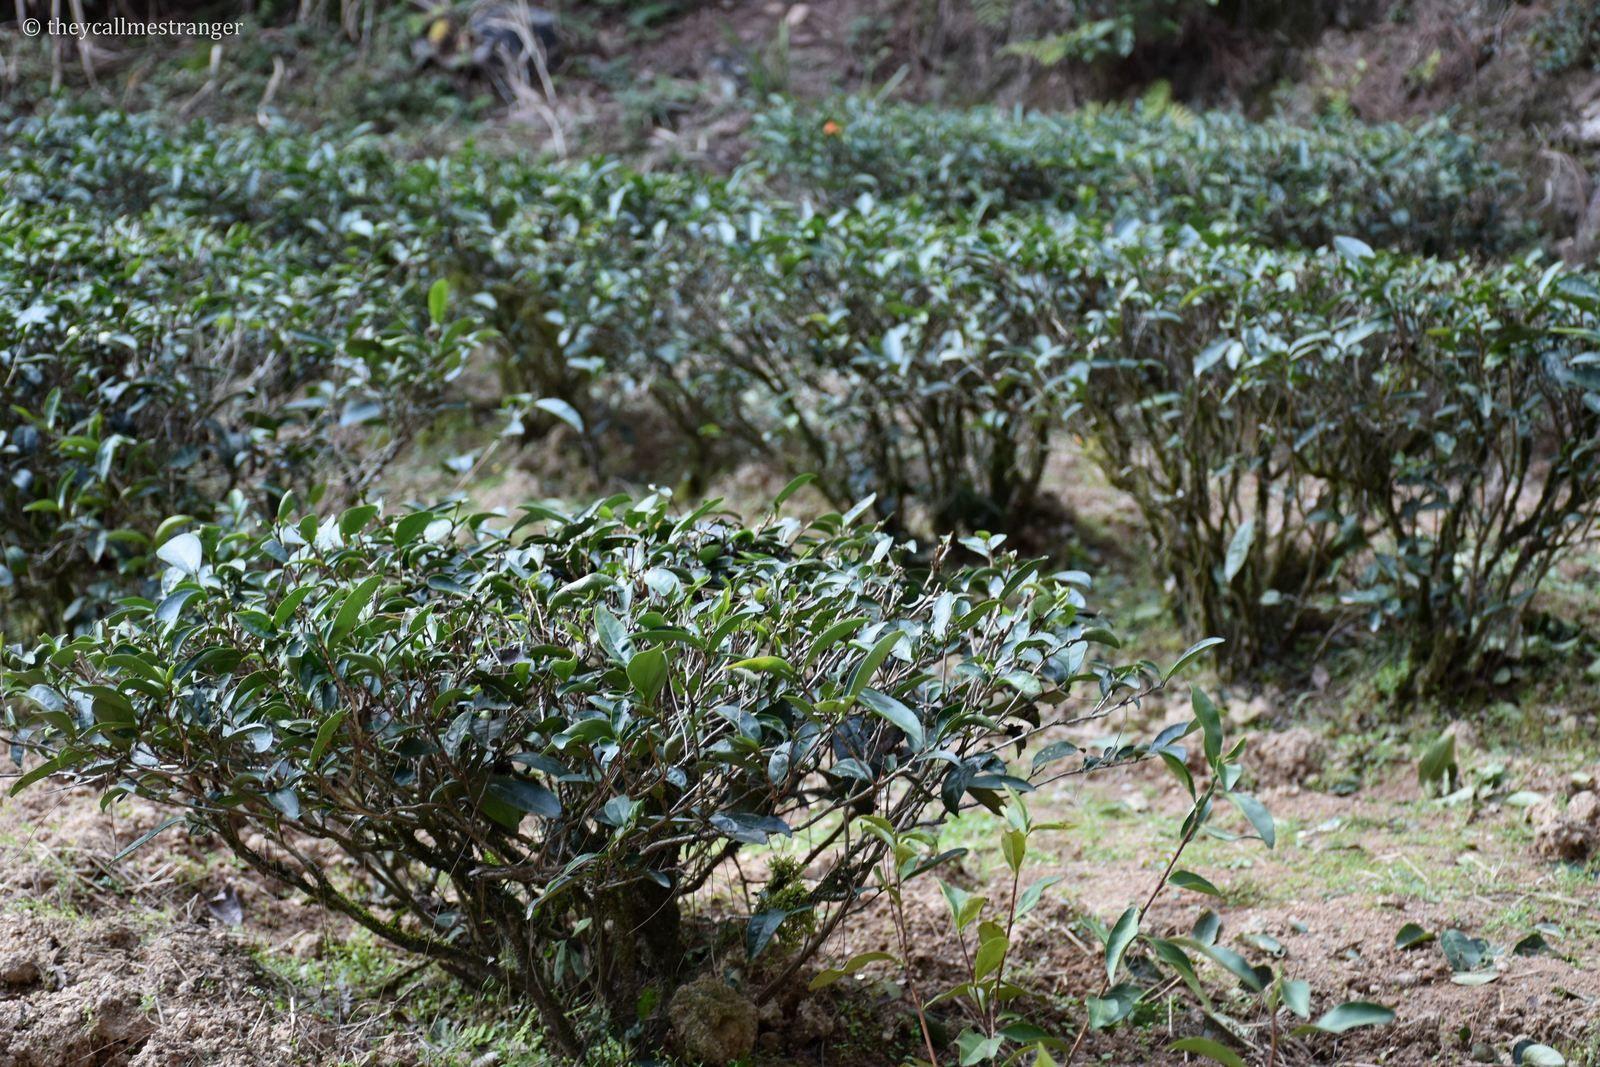 Le parc national de Wuyishan 武夷山